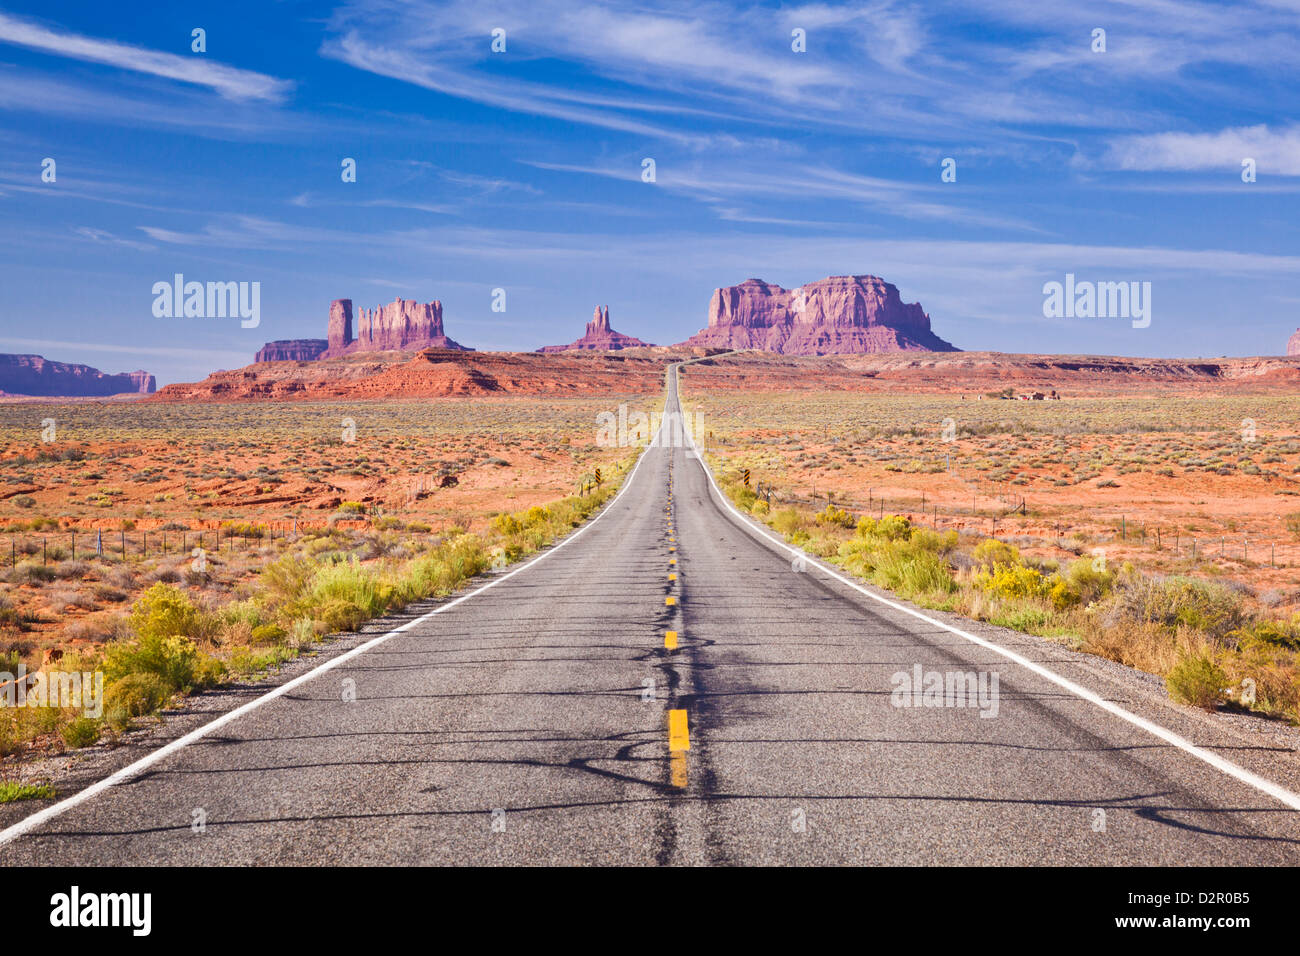 L'autoroute 163, route vide, Monument Valley, Utah, États-Unis d'Amérique, Amérique du Nord Photo Stock